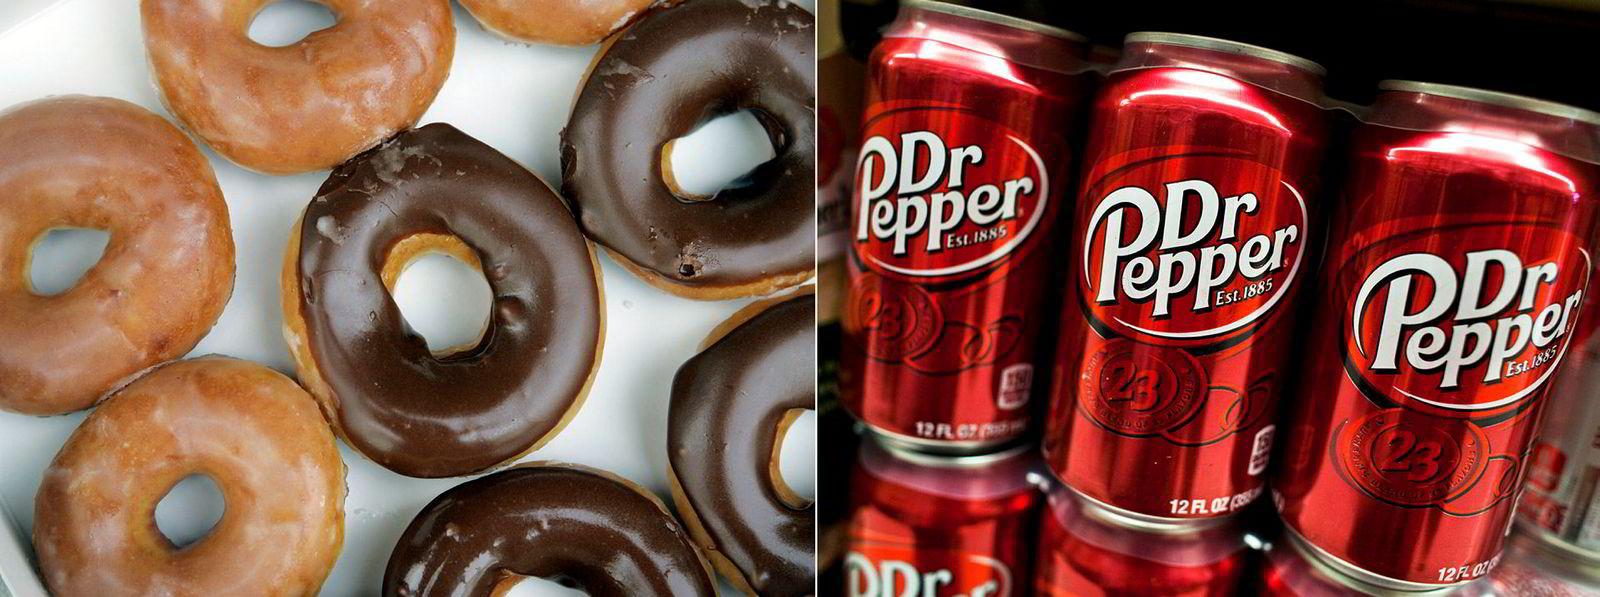 Reimann-familien eier flere store selskaper, blant annet doughnut-kjeden Krispy Kreme, brusprodusenten Dr. Pepper og hudpleiemerket Clearasil.